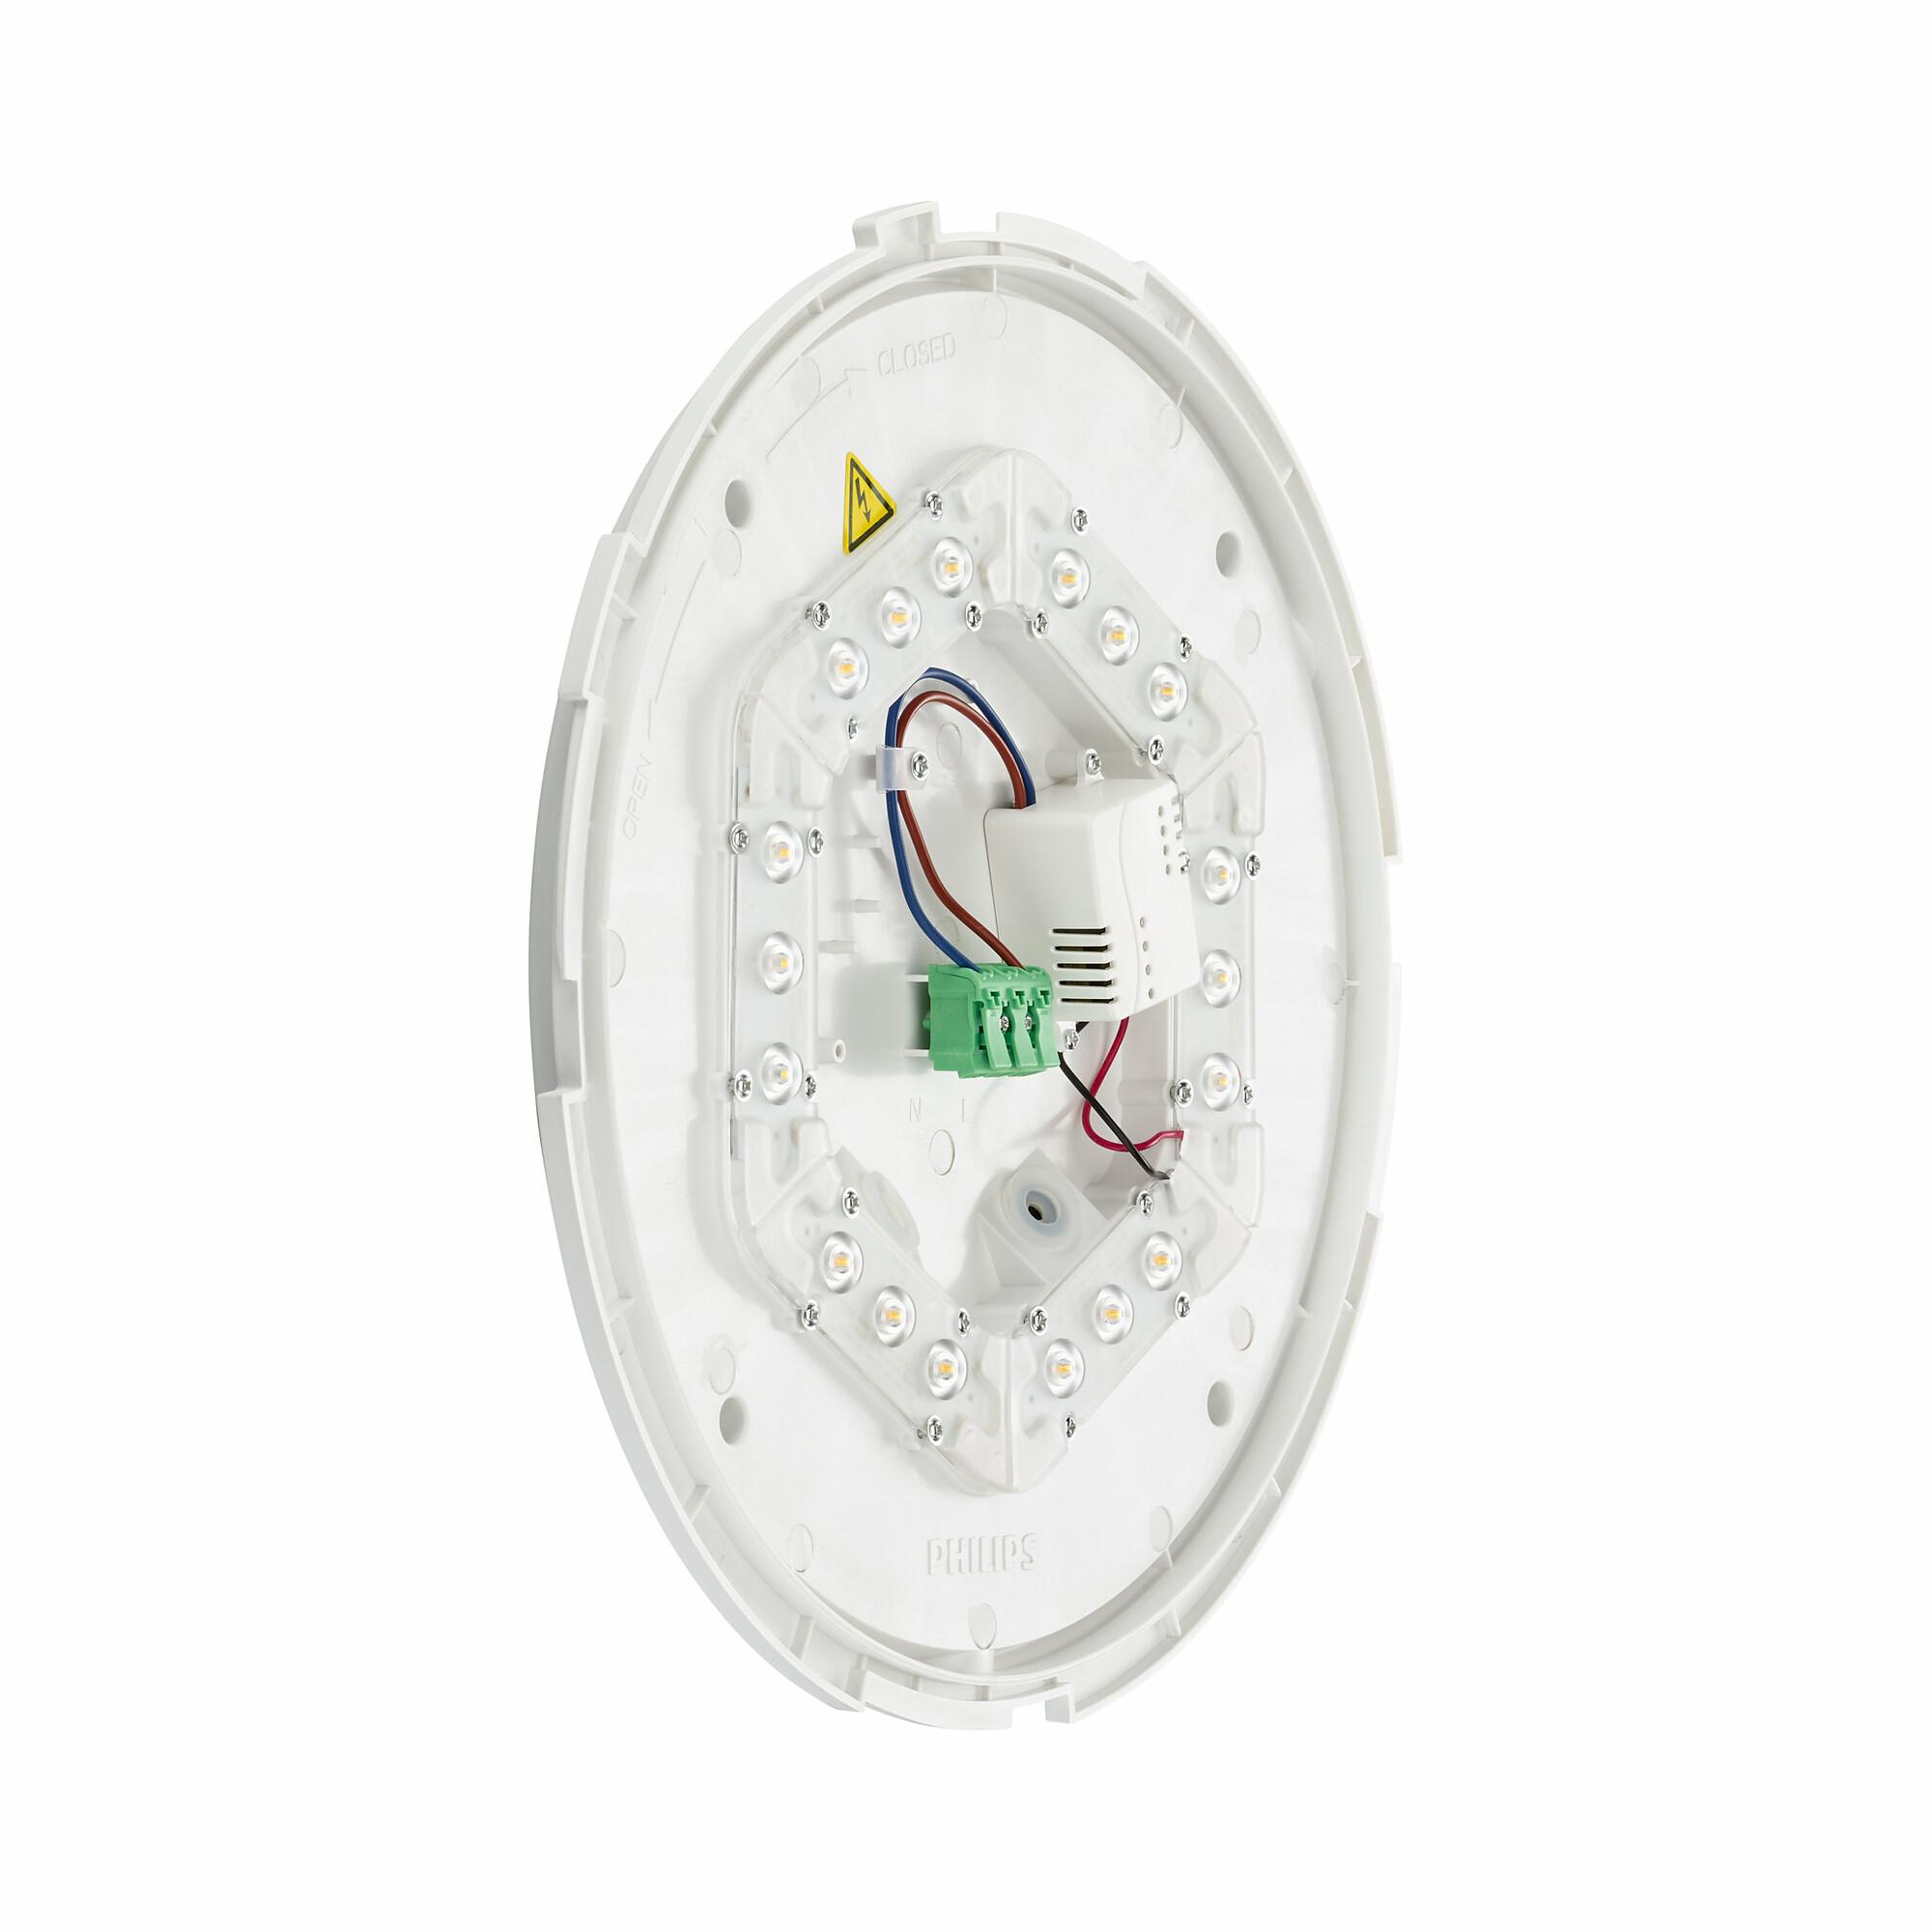 Philips CORELINE Wandlamp LED 1x23W/2000lm Wit